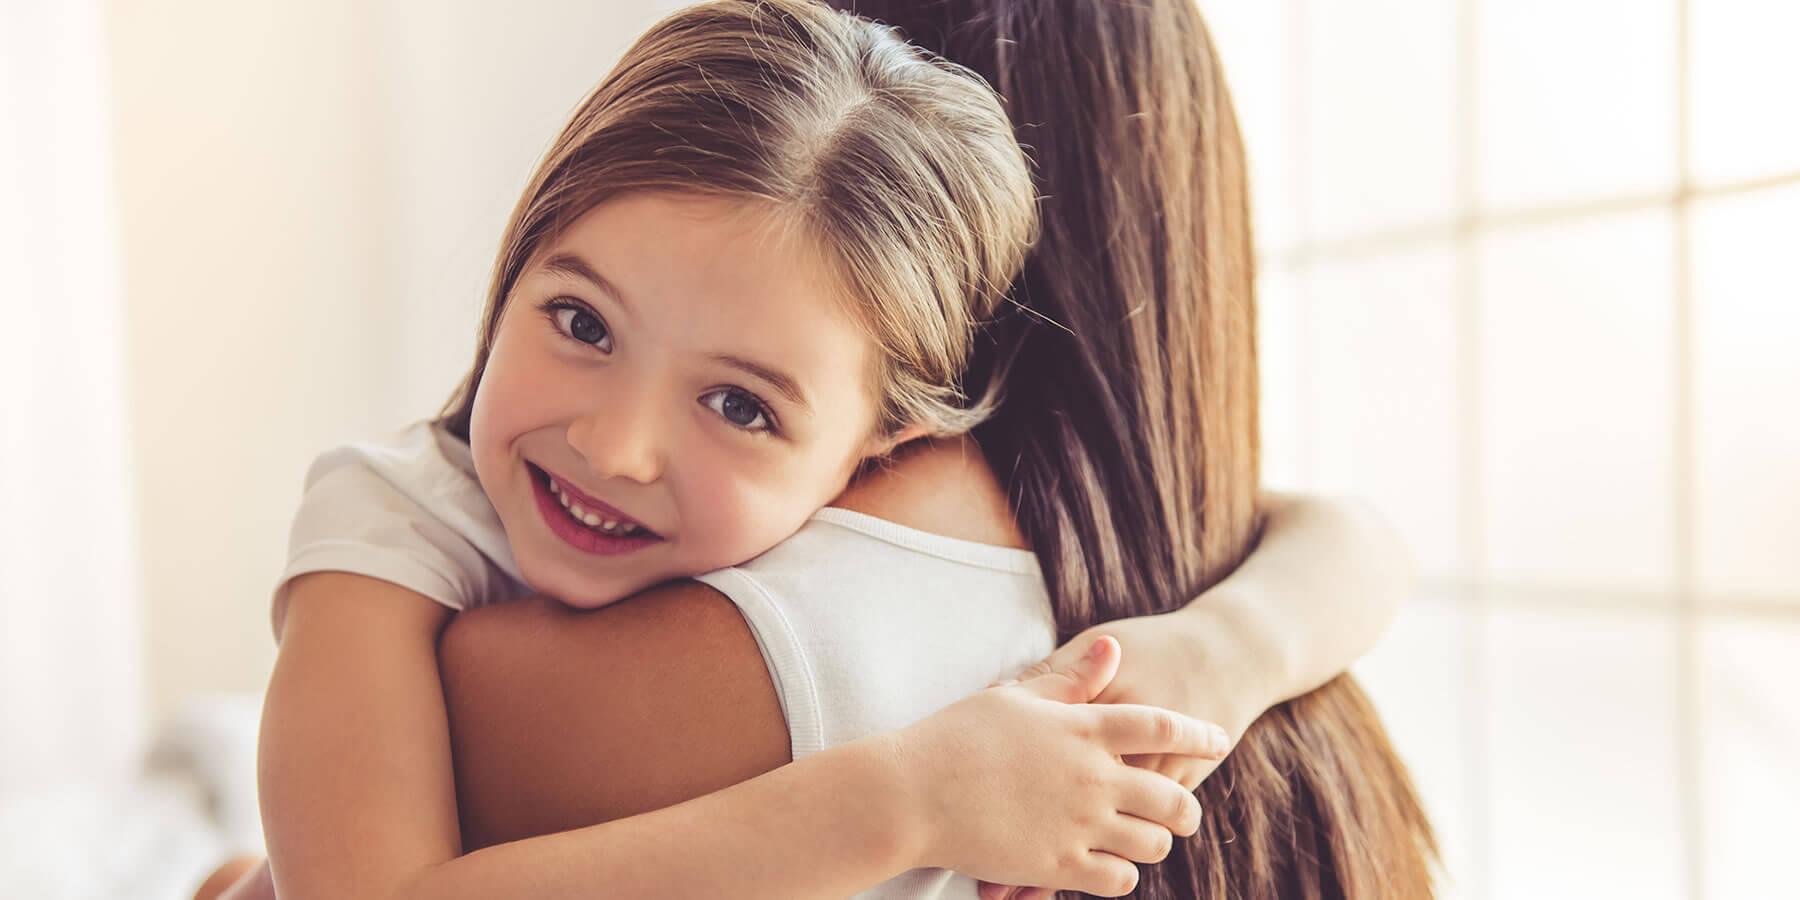 Sparen für Kinder: Junior-Depots oder ETFs als Renditechance